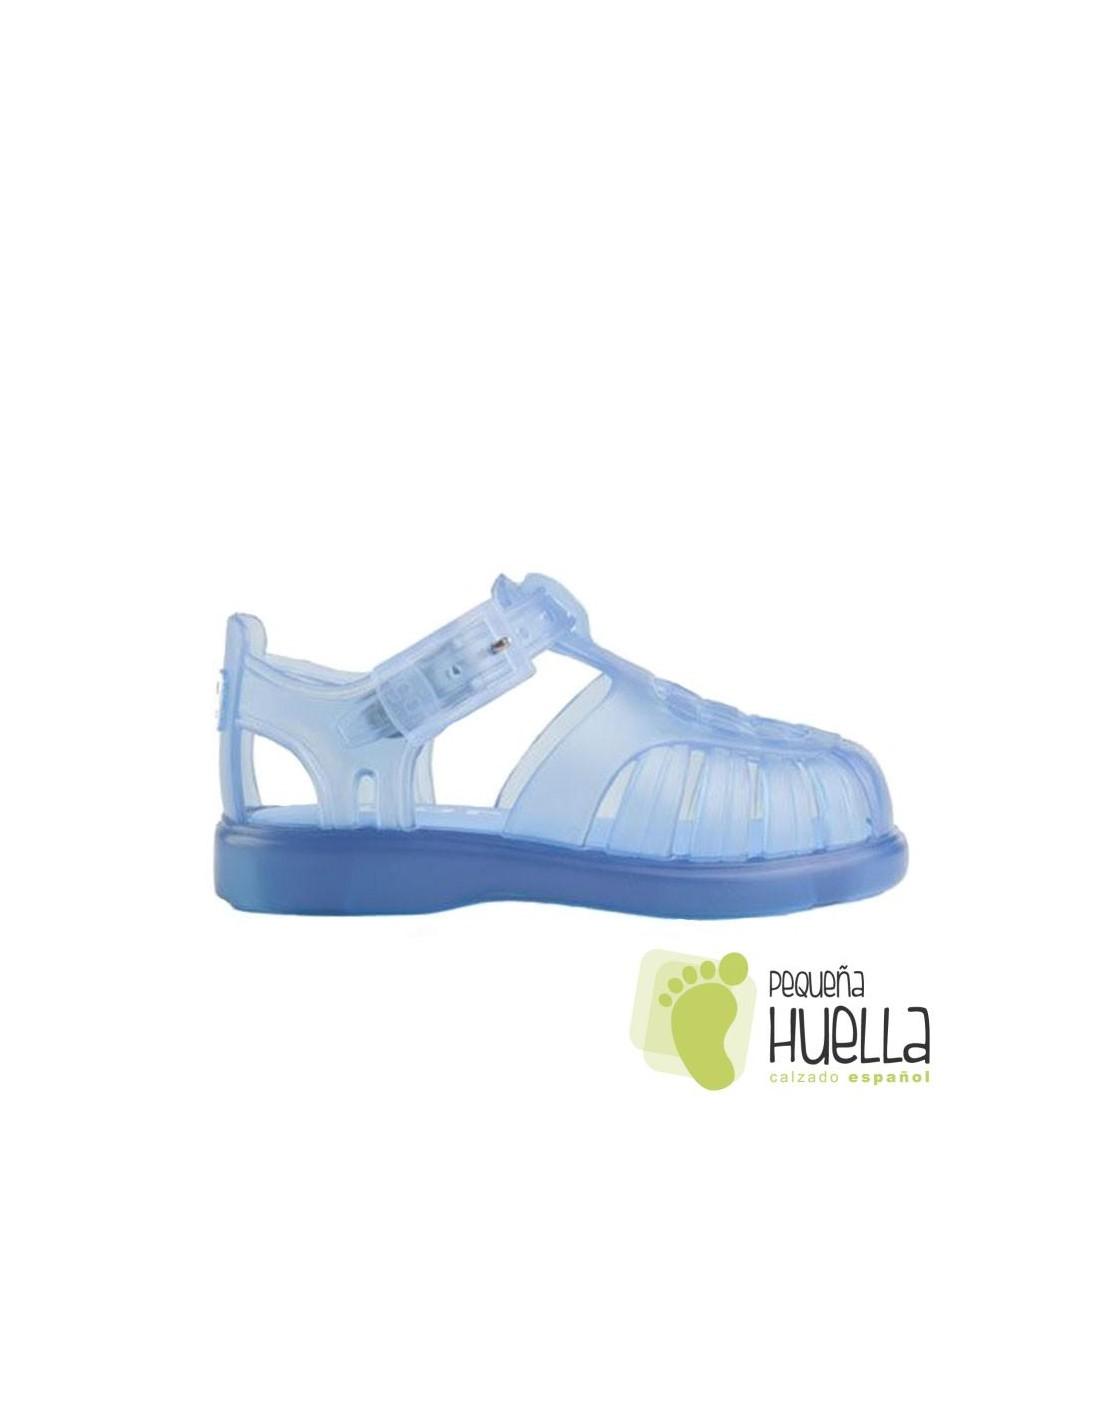 4ab3a03d1 Comprar sandalias goma cangrejeras para niños IGOR baratas en Madrid